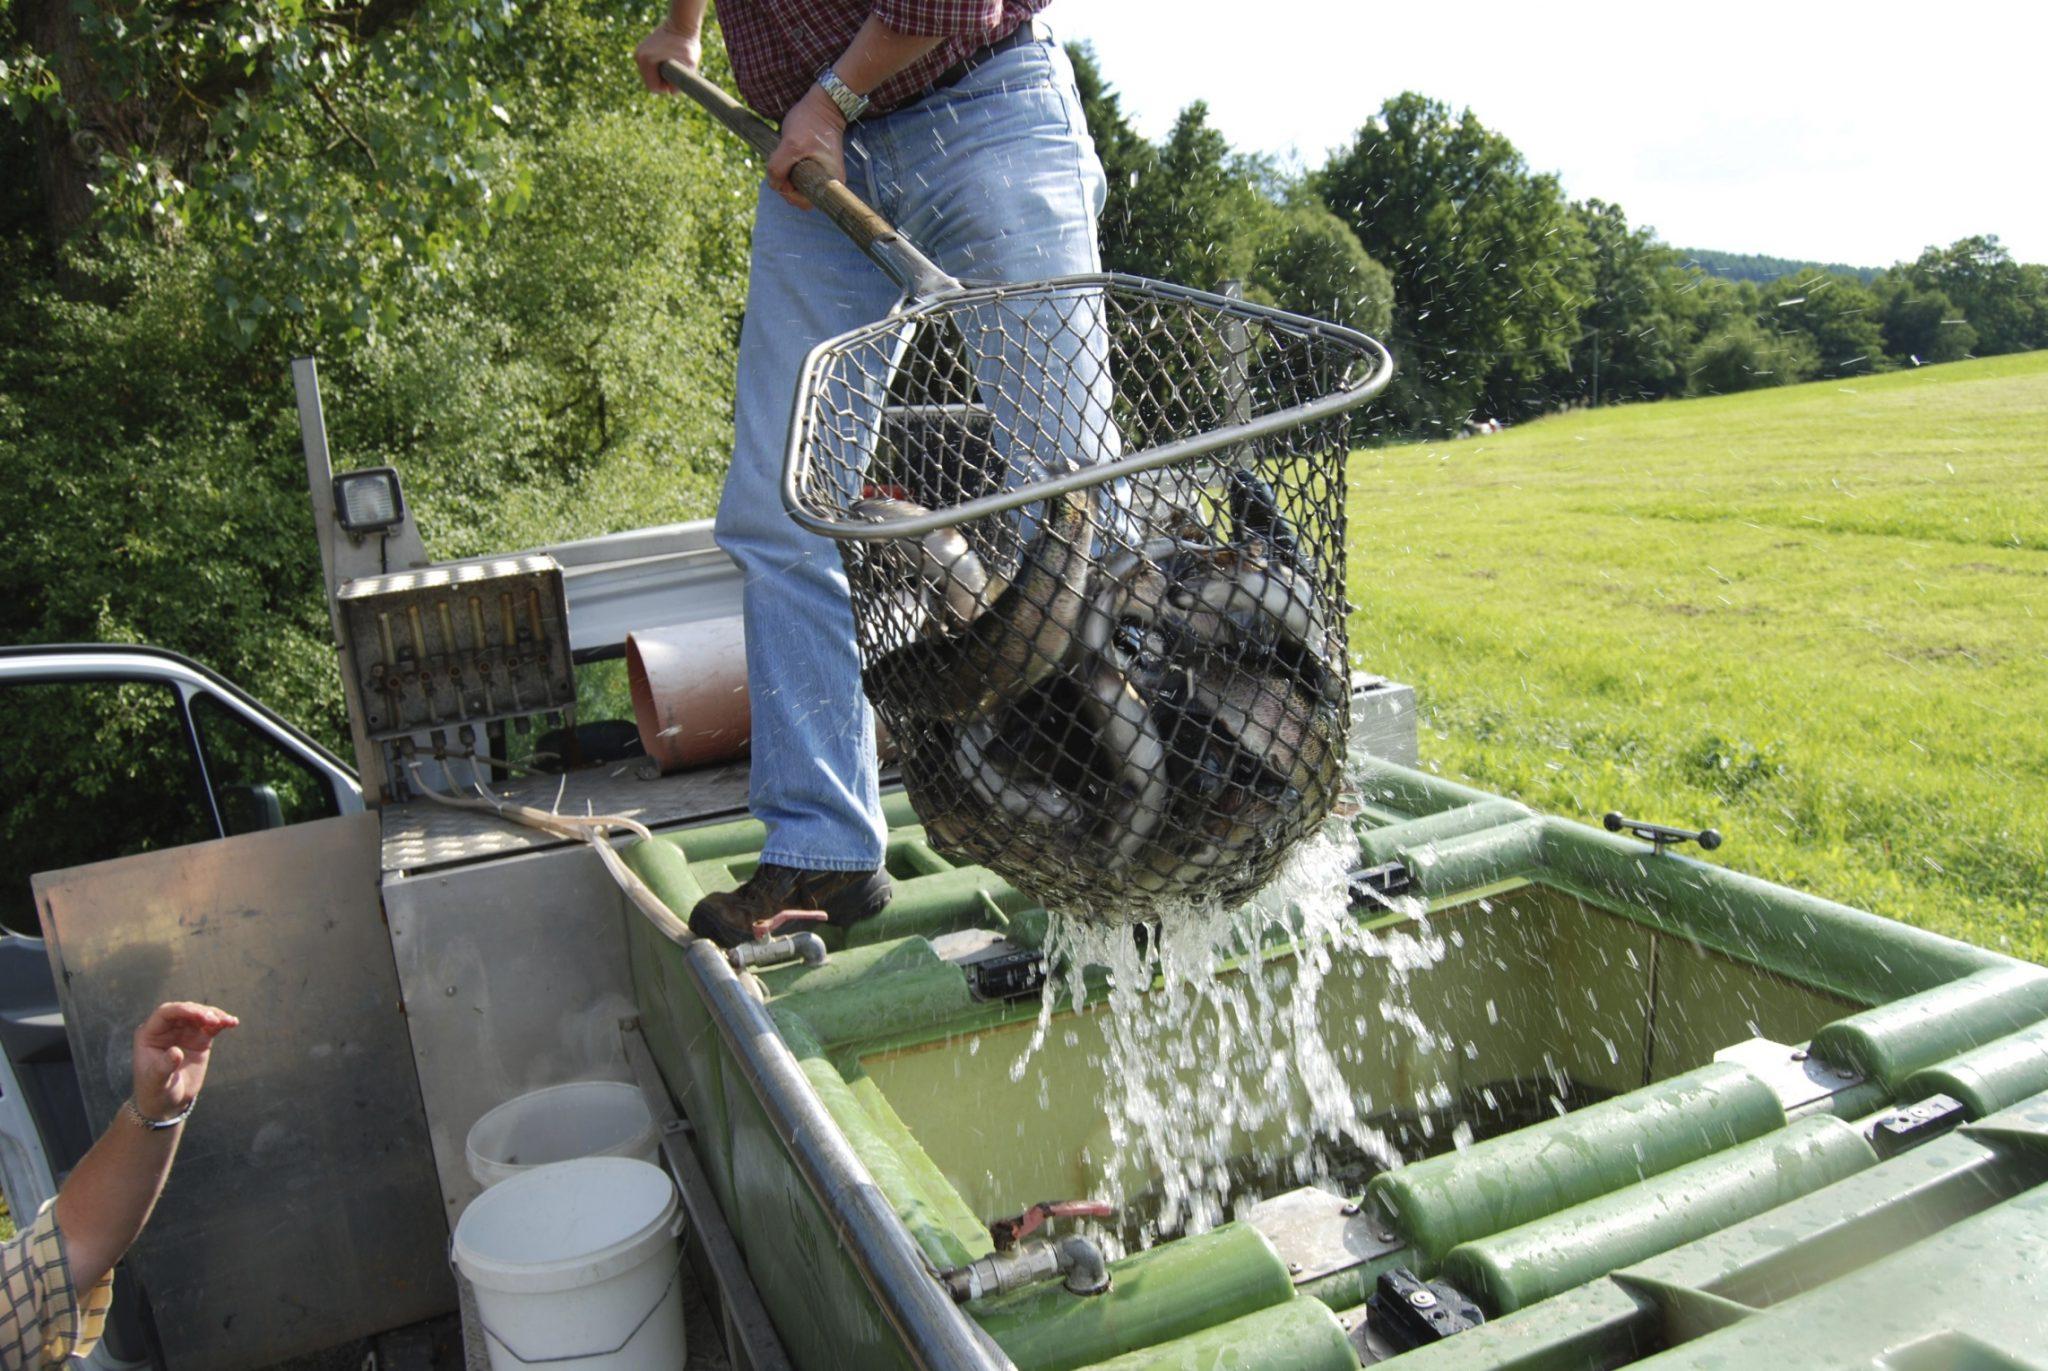 trout in a net